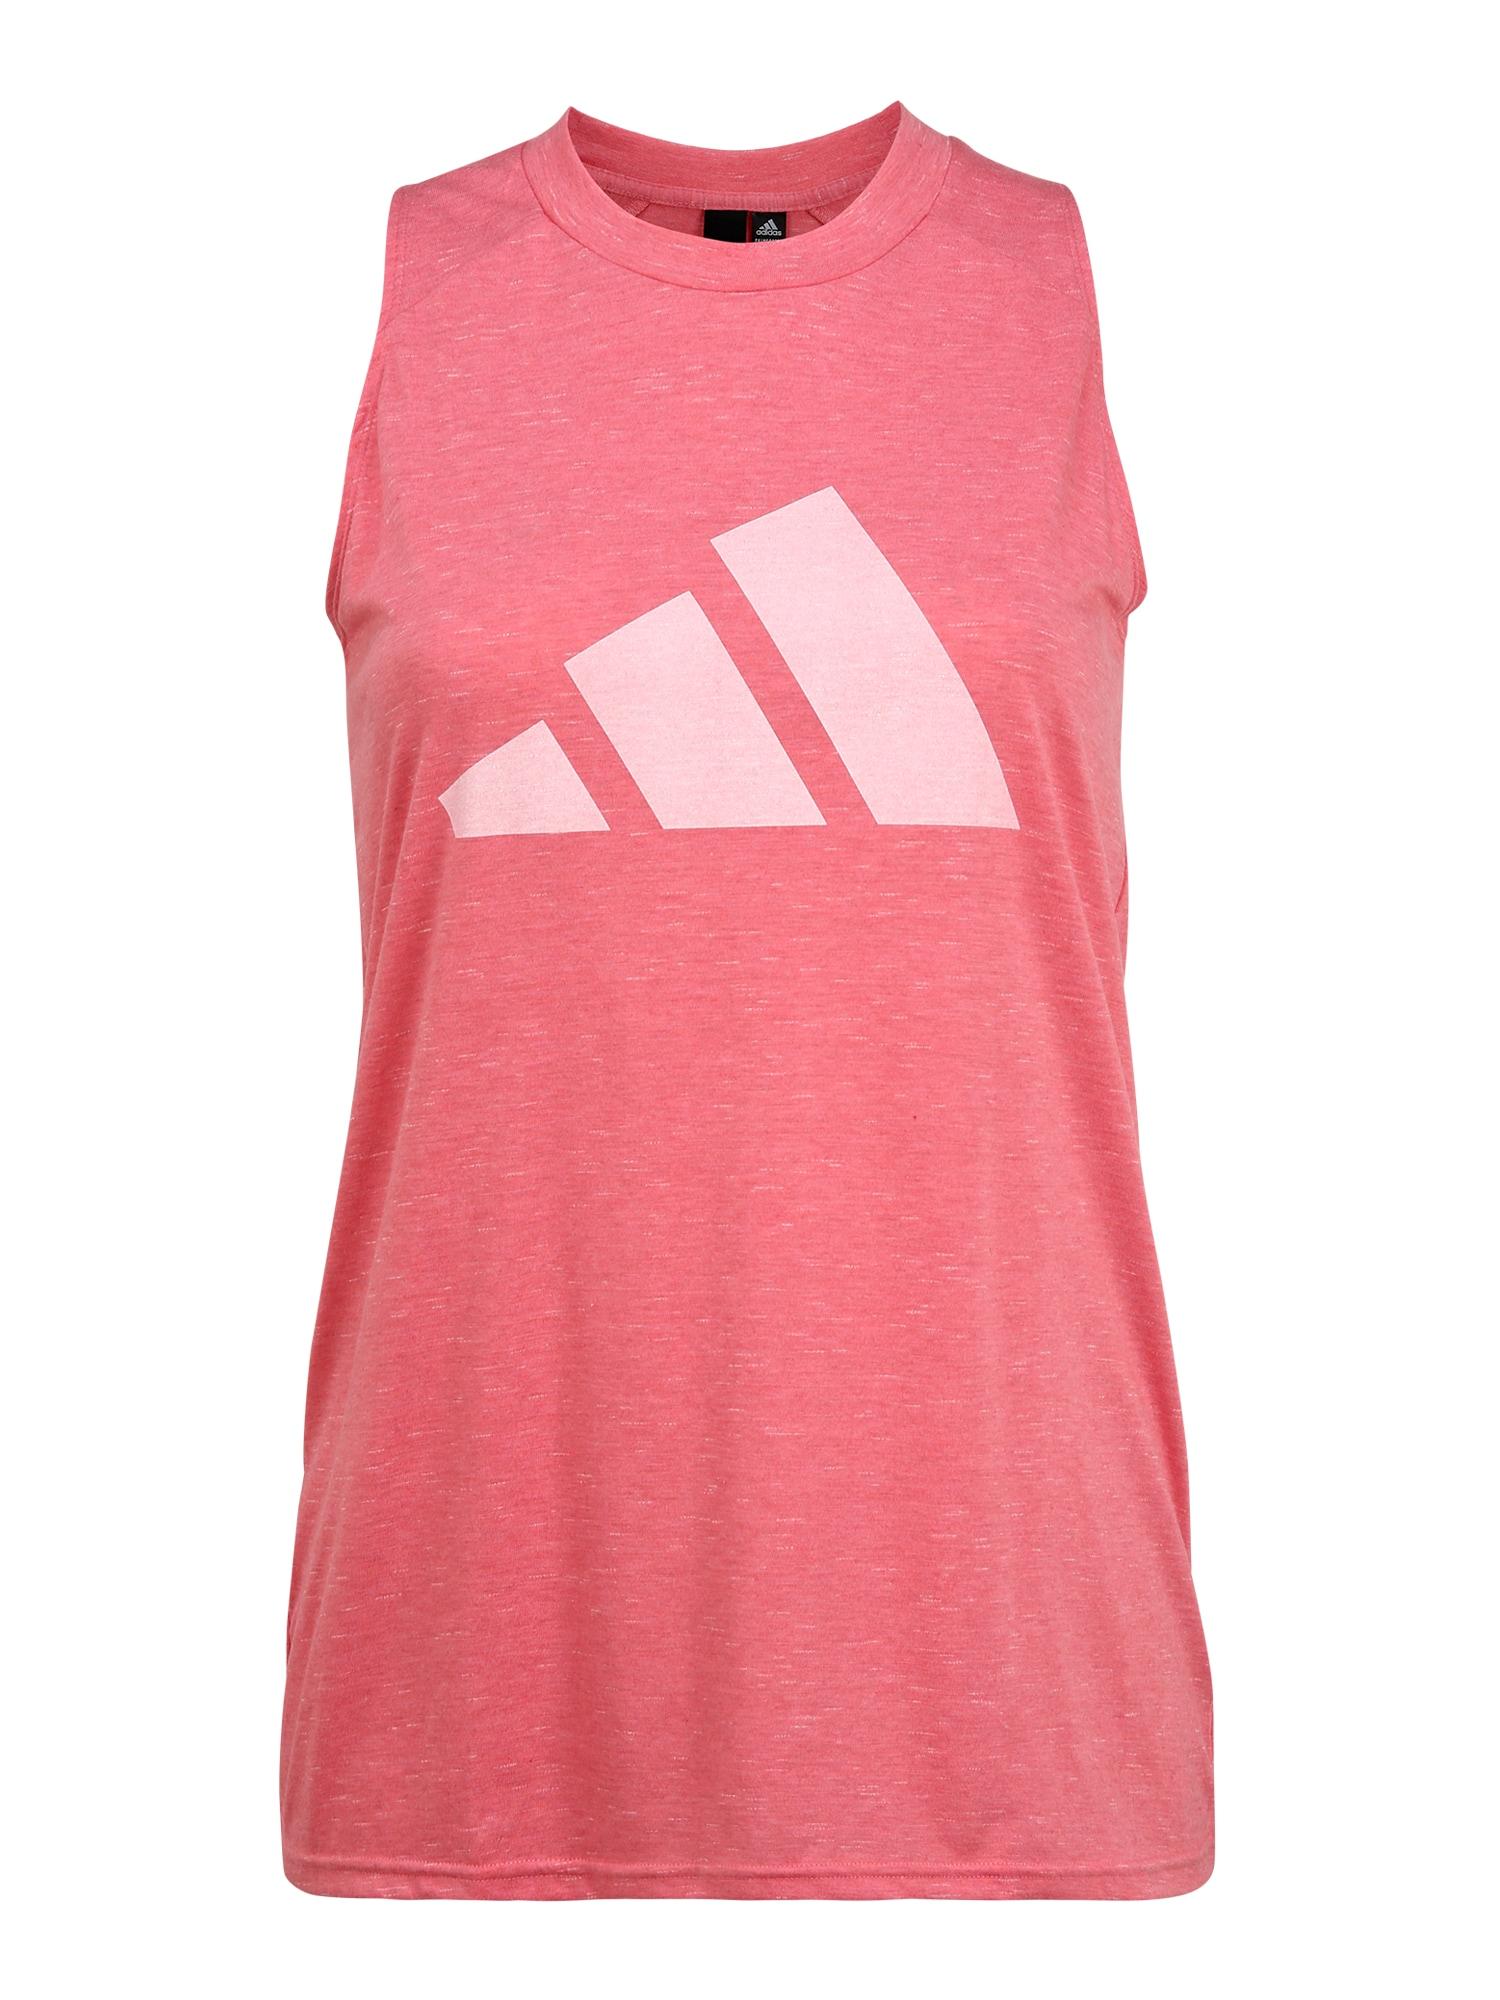 ADIDAS PERFORMANCE Sportiniai marškinėliai be rankovių rožinė / rožių spalva